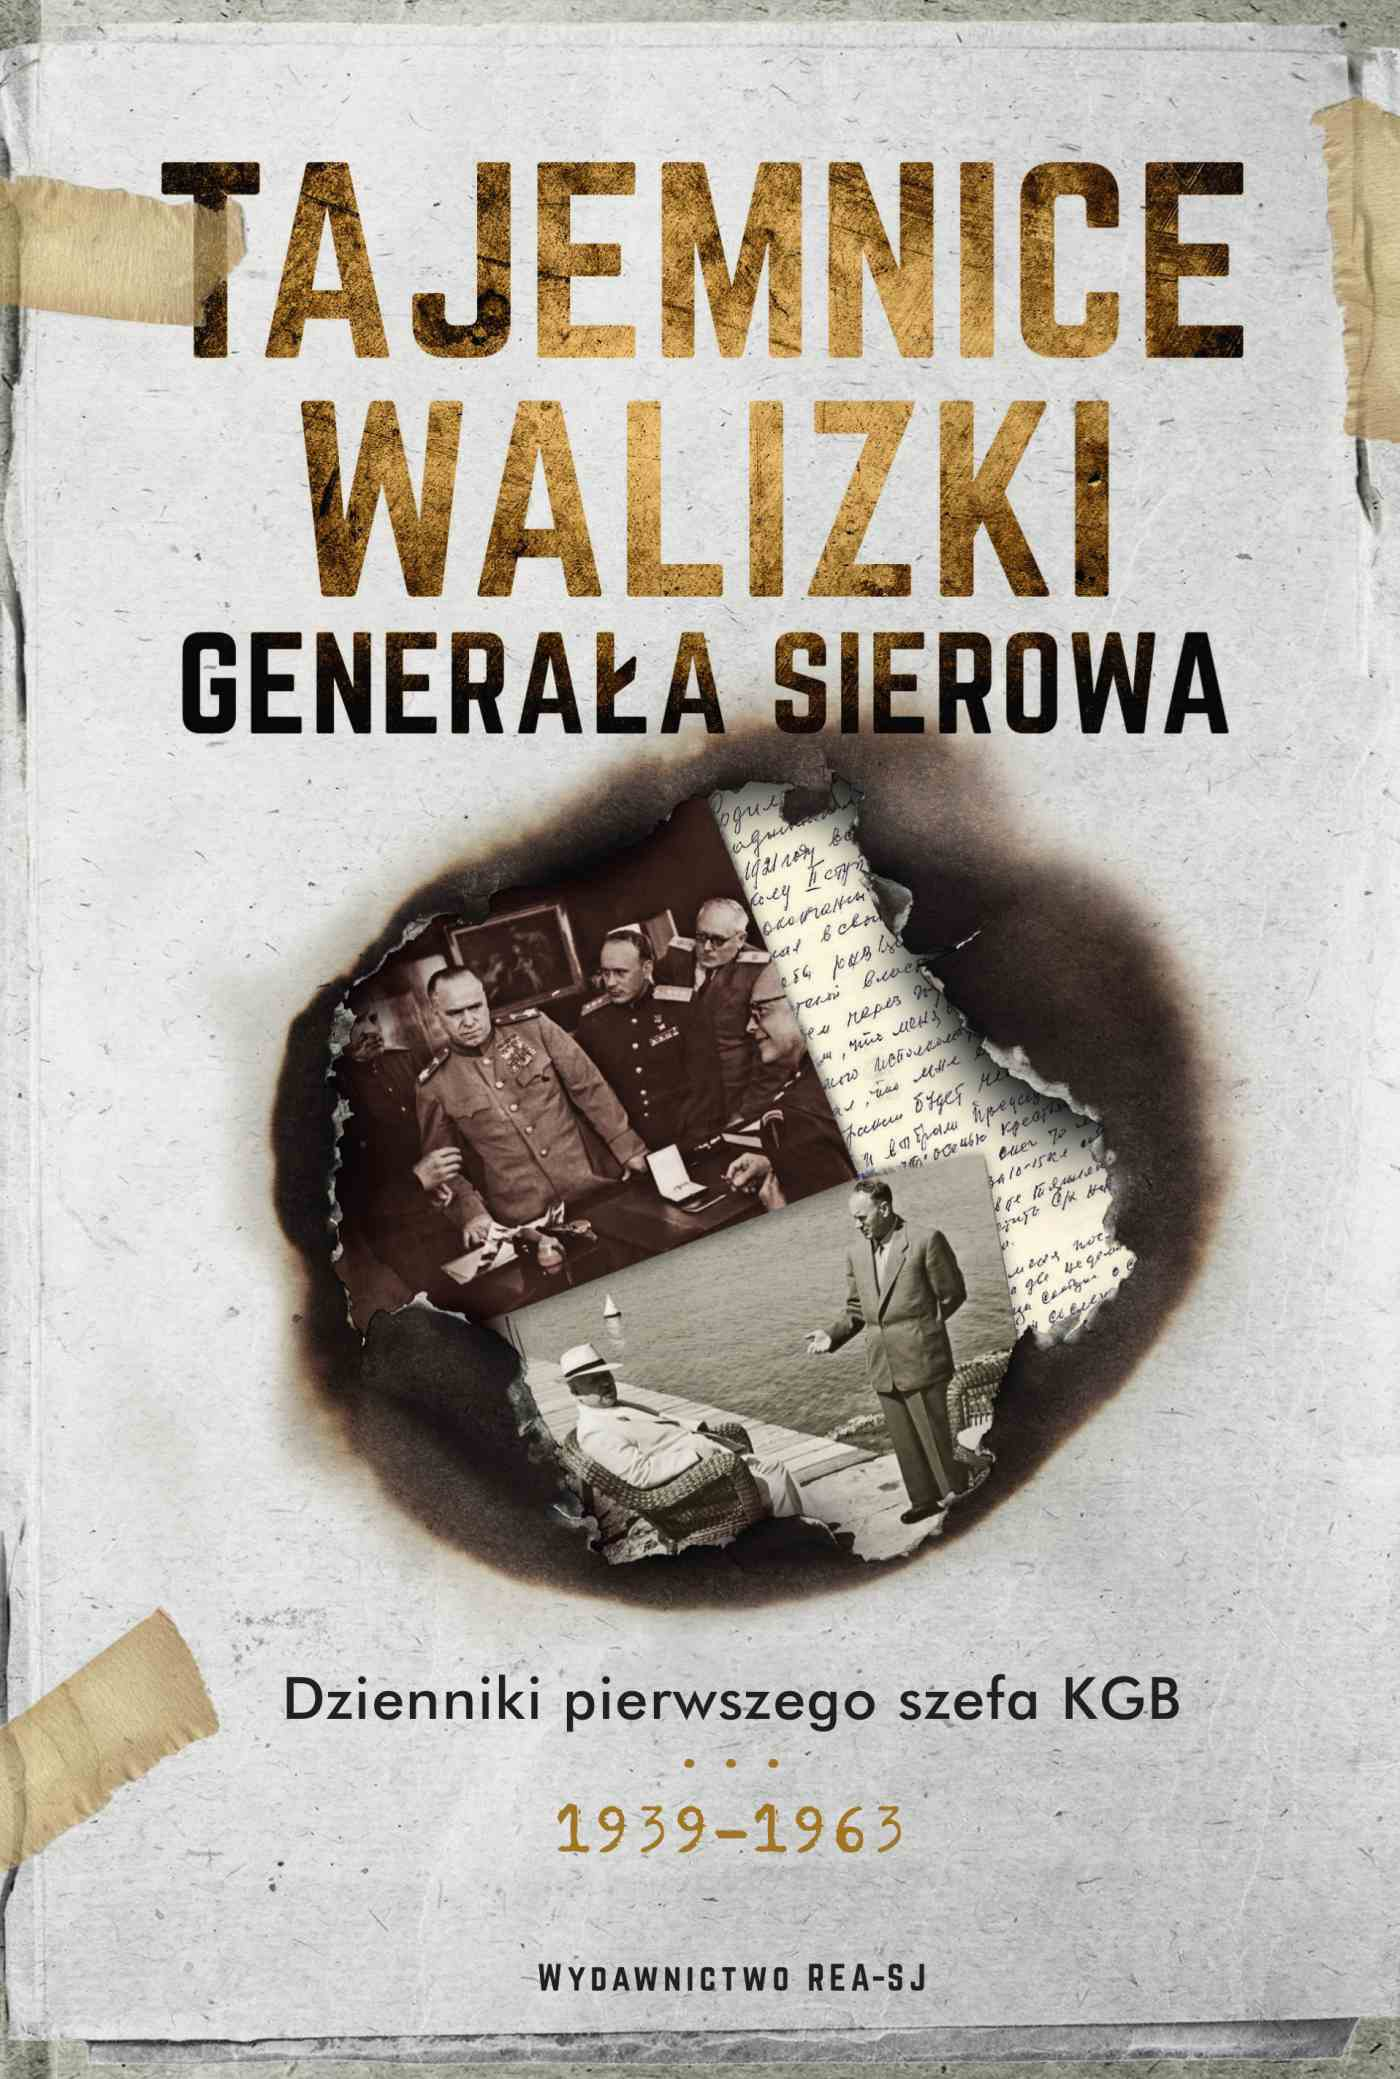 Tajemnice walizki generała Sierowa - Ebook (Książka na Kindle) do pobrania w formacie MOBI